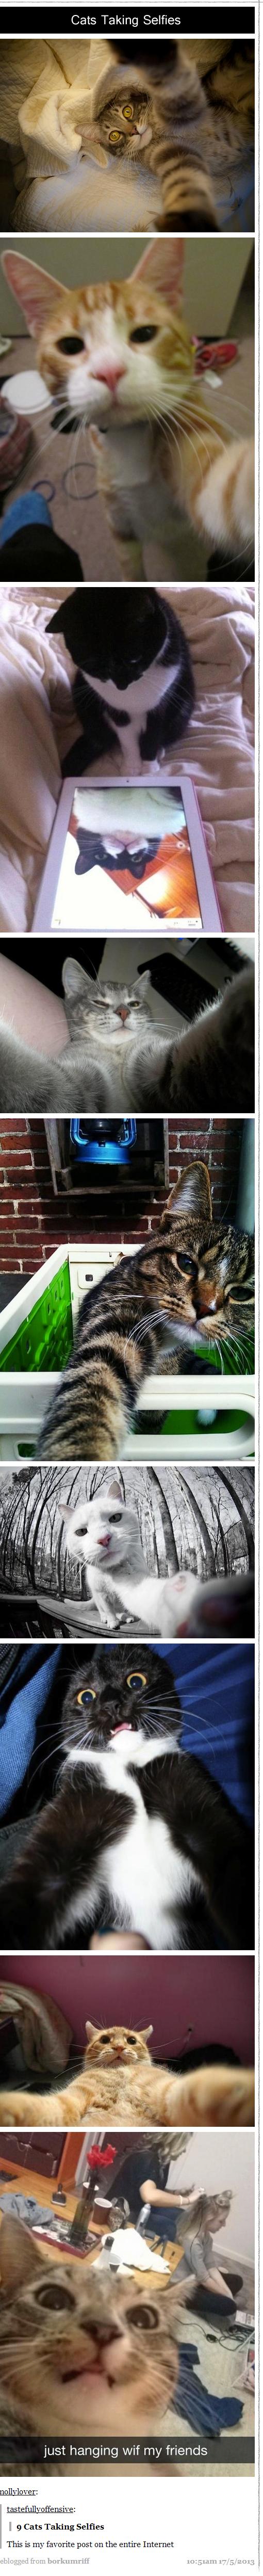 Cat Selfies. .. i fukken love cats Cat Selfies i fukken love cats